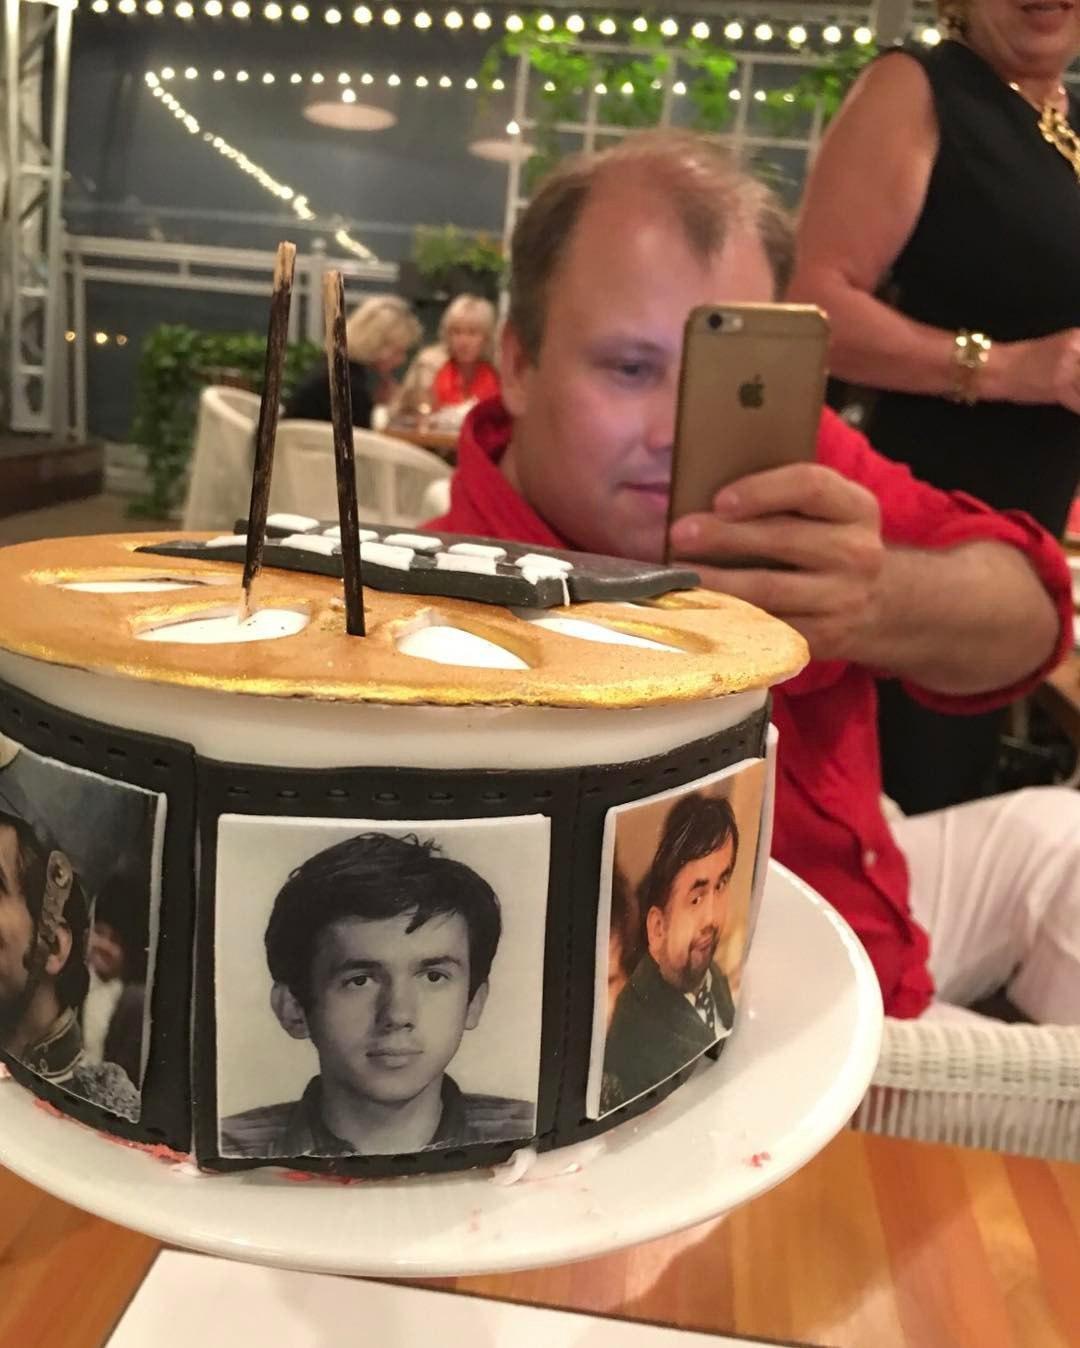 Самый вкусный торт на 1 апреля, от Лены Лениной с моими портретами...